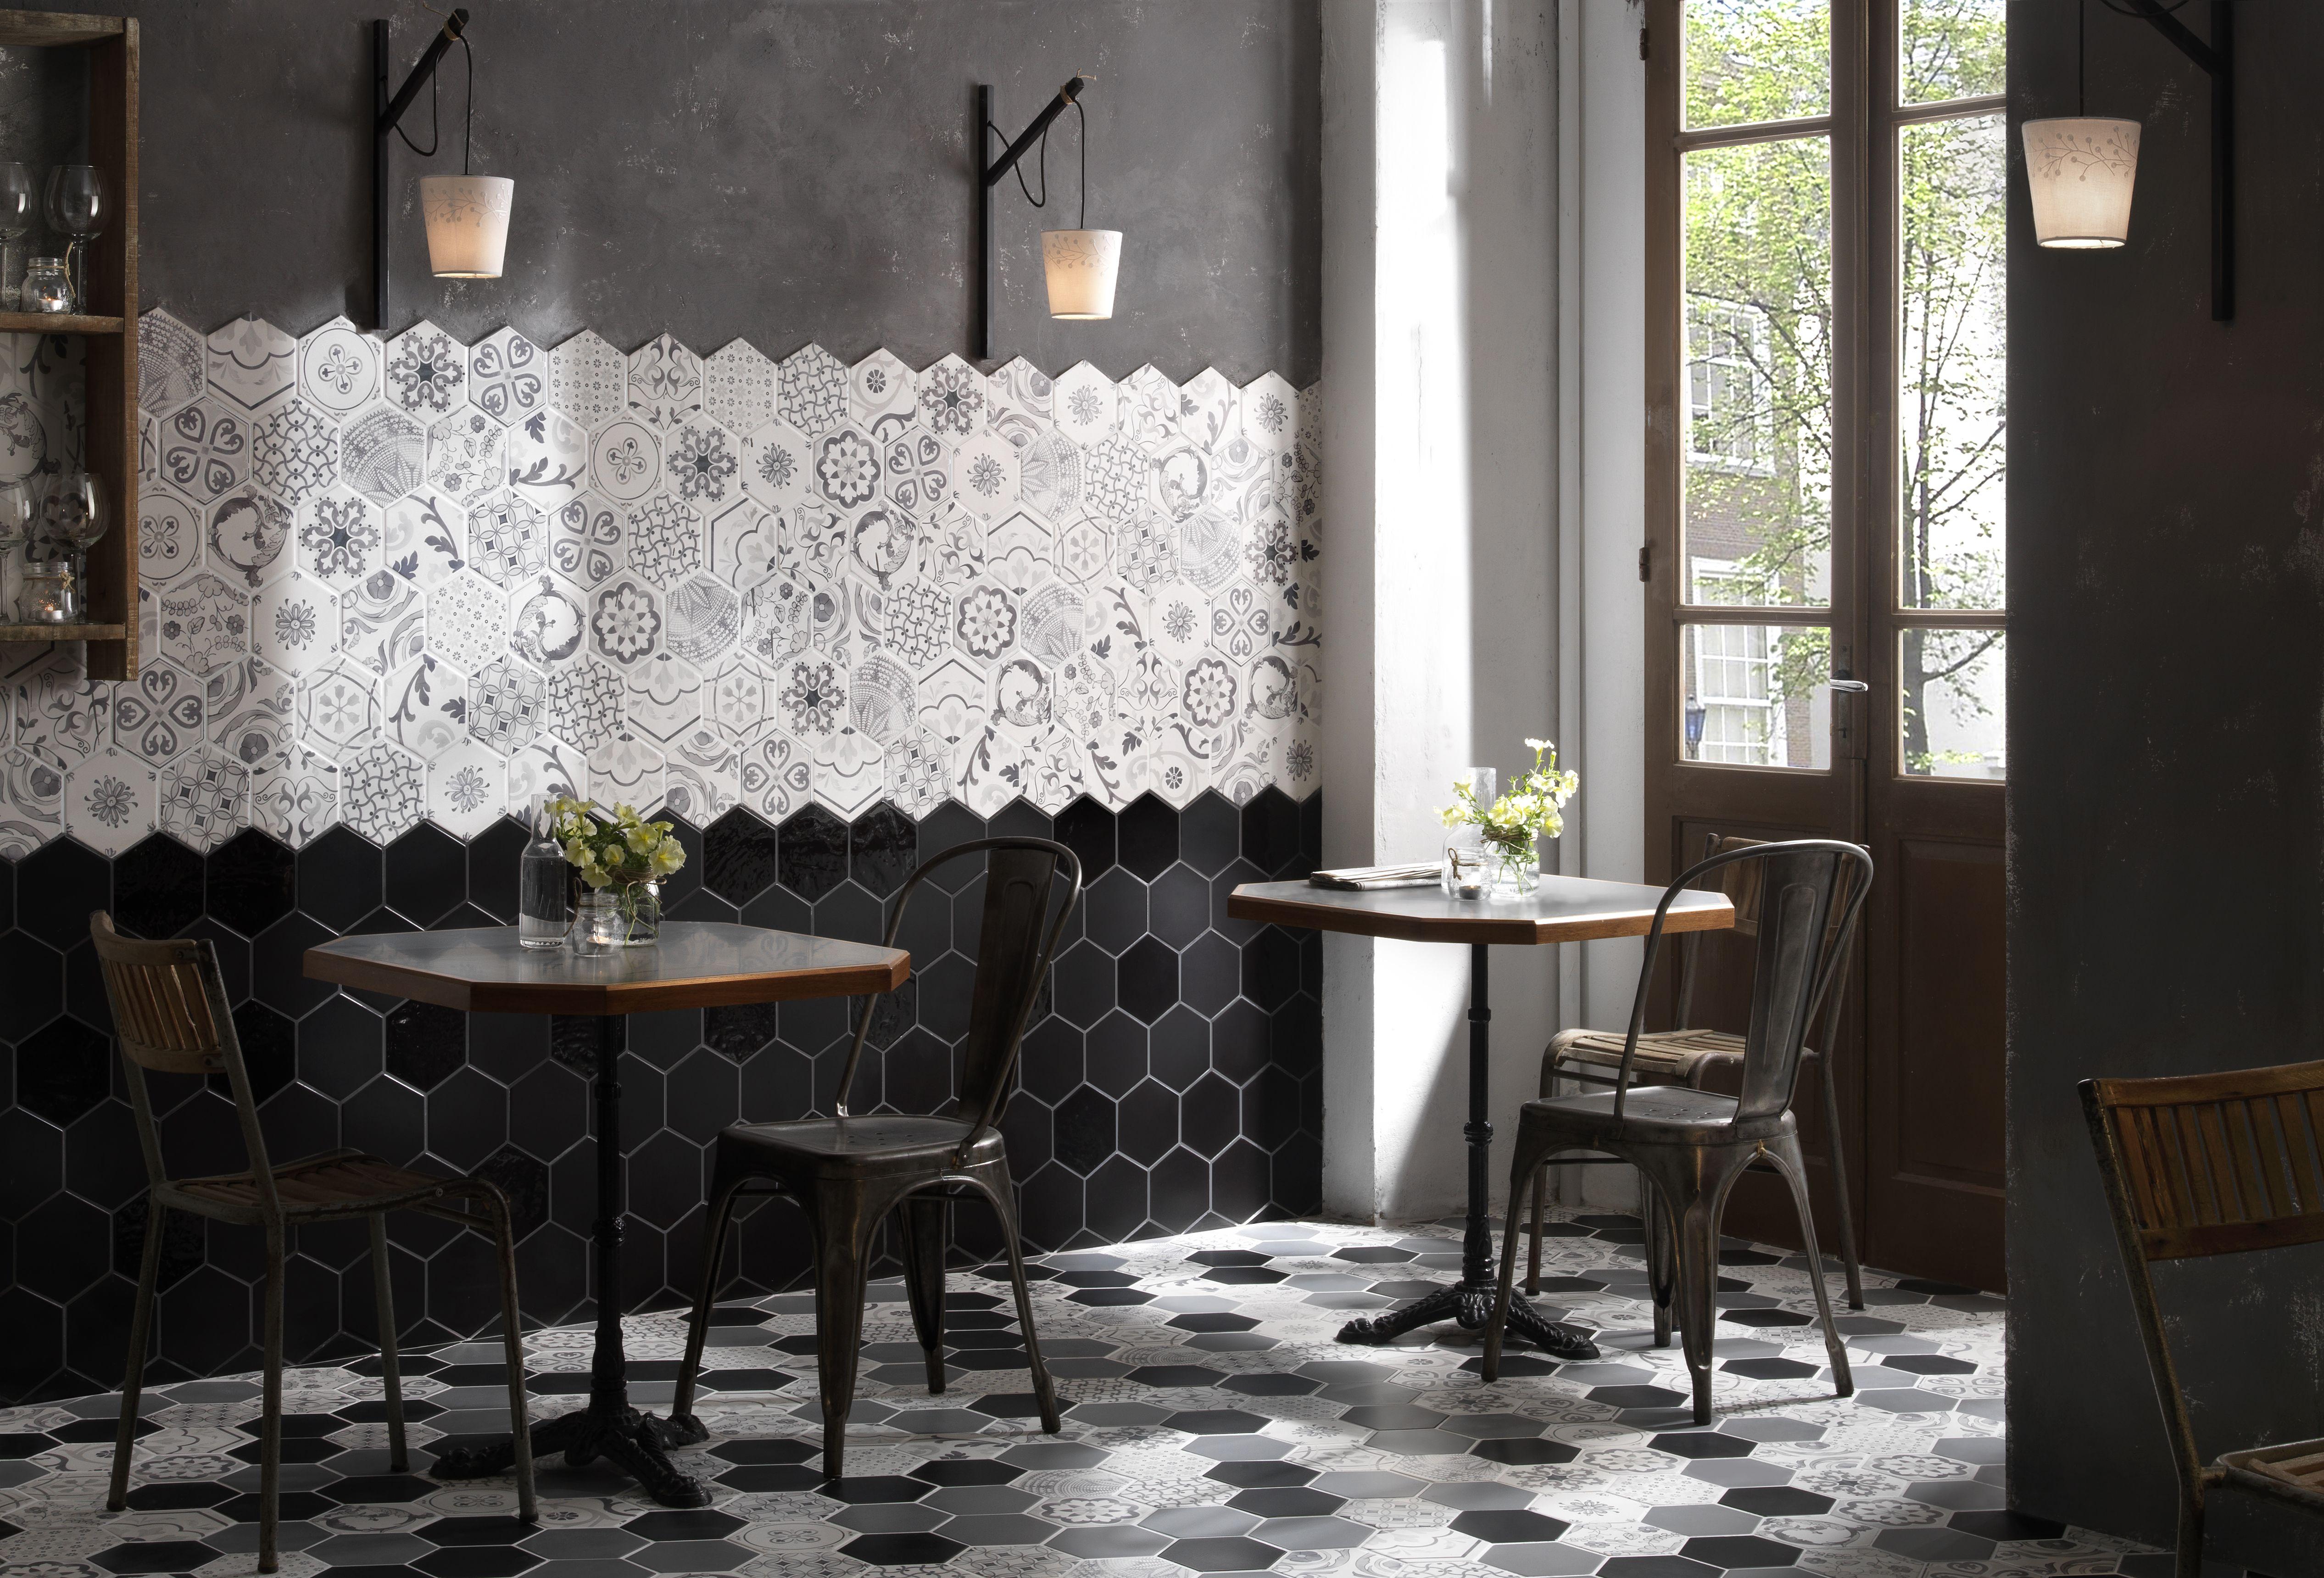 examatt decoro examix tiles piastrelle walltiles floortiles ... - La Rosa Srl Ceramiche E Arredo Bagno Arredamenti Casa